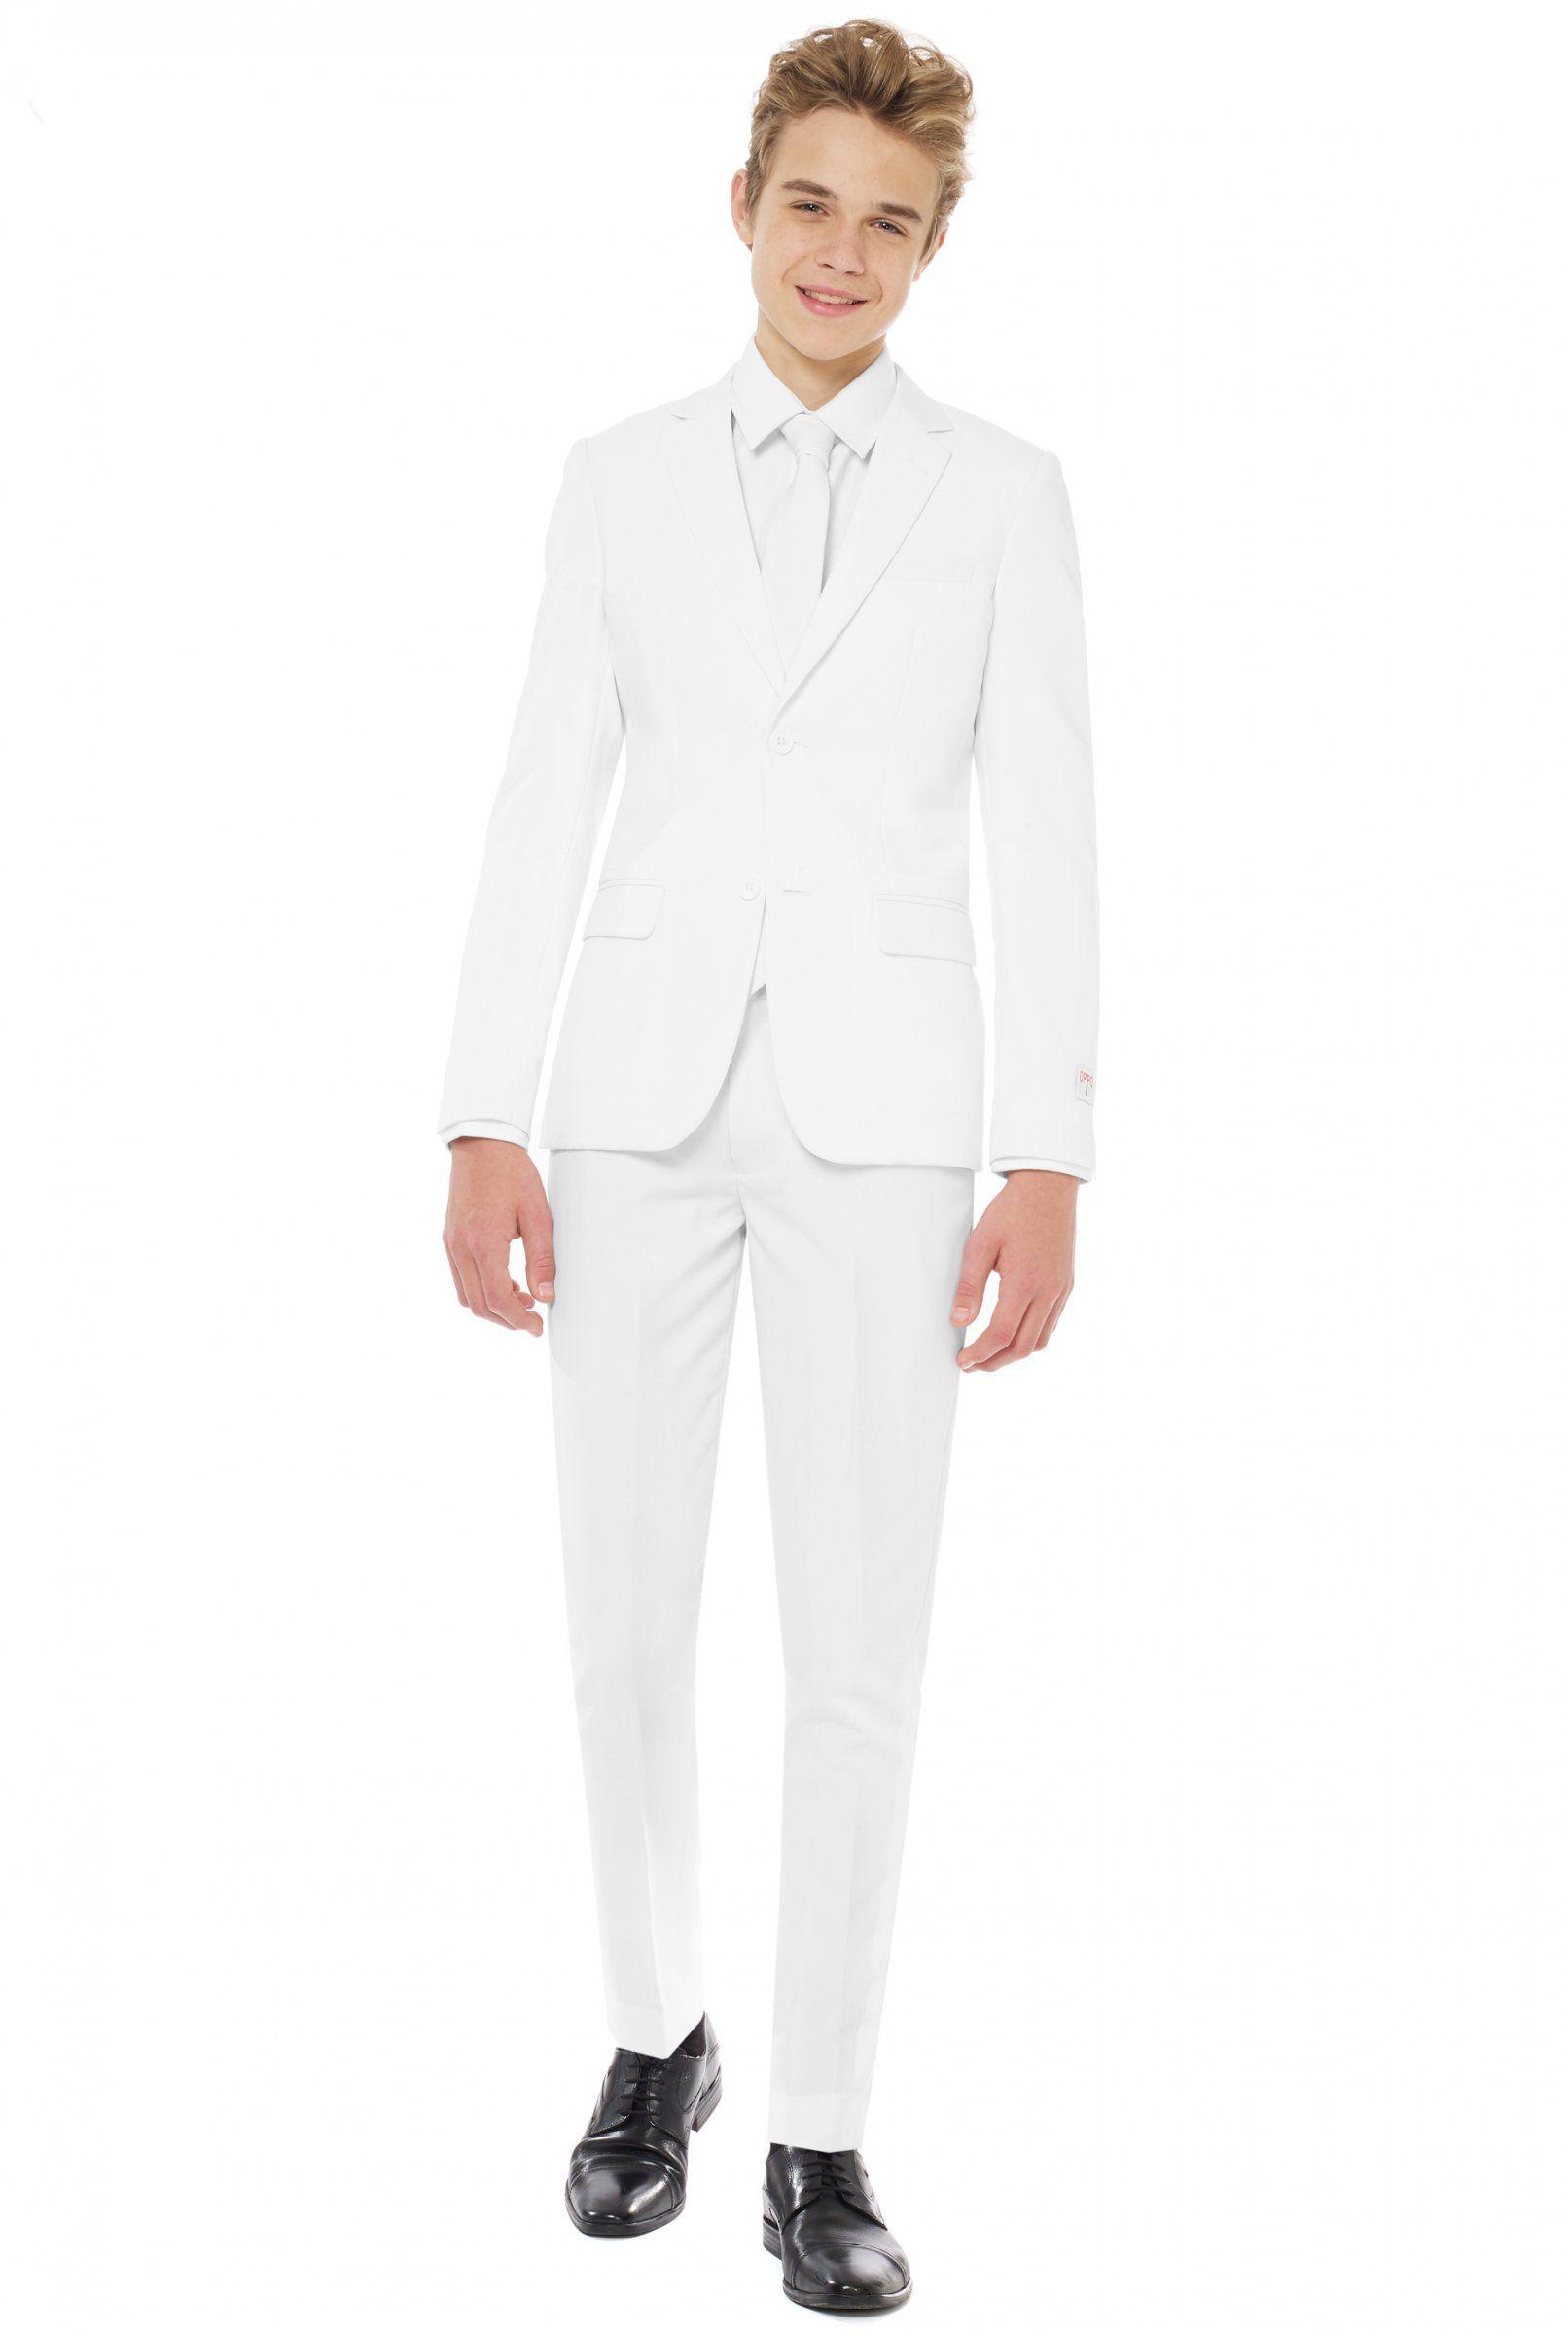 mr. blanc oppposuits™-kostüm für teenager weiss: kostüme für